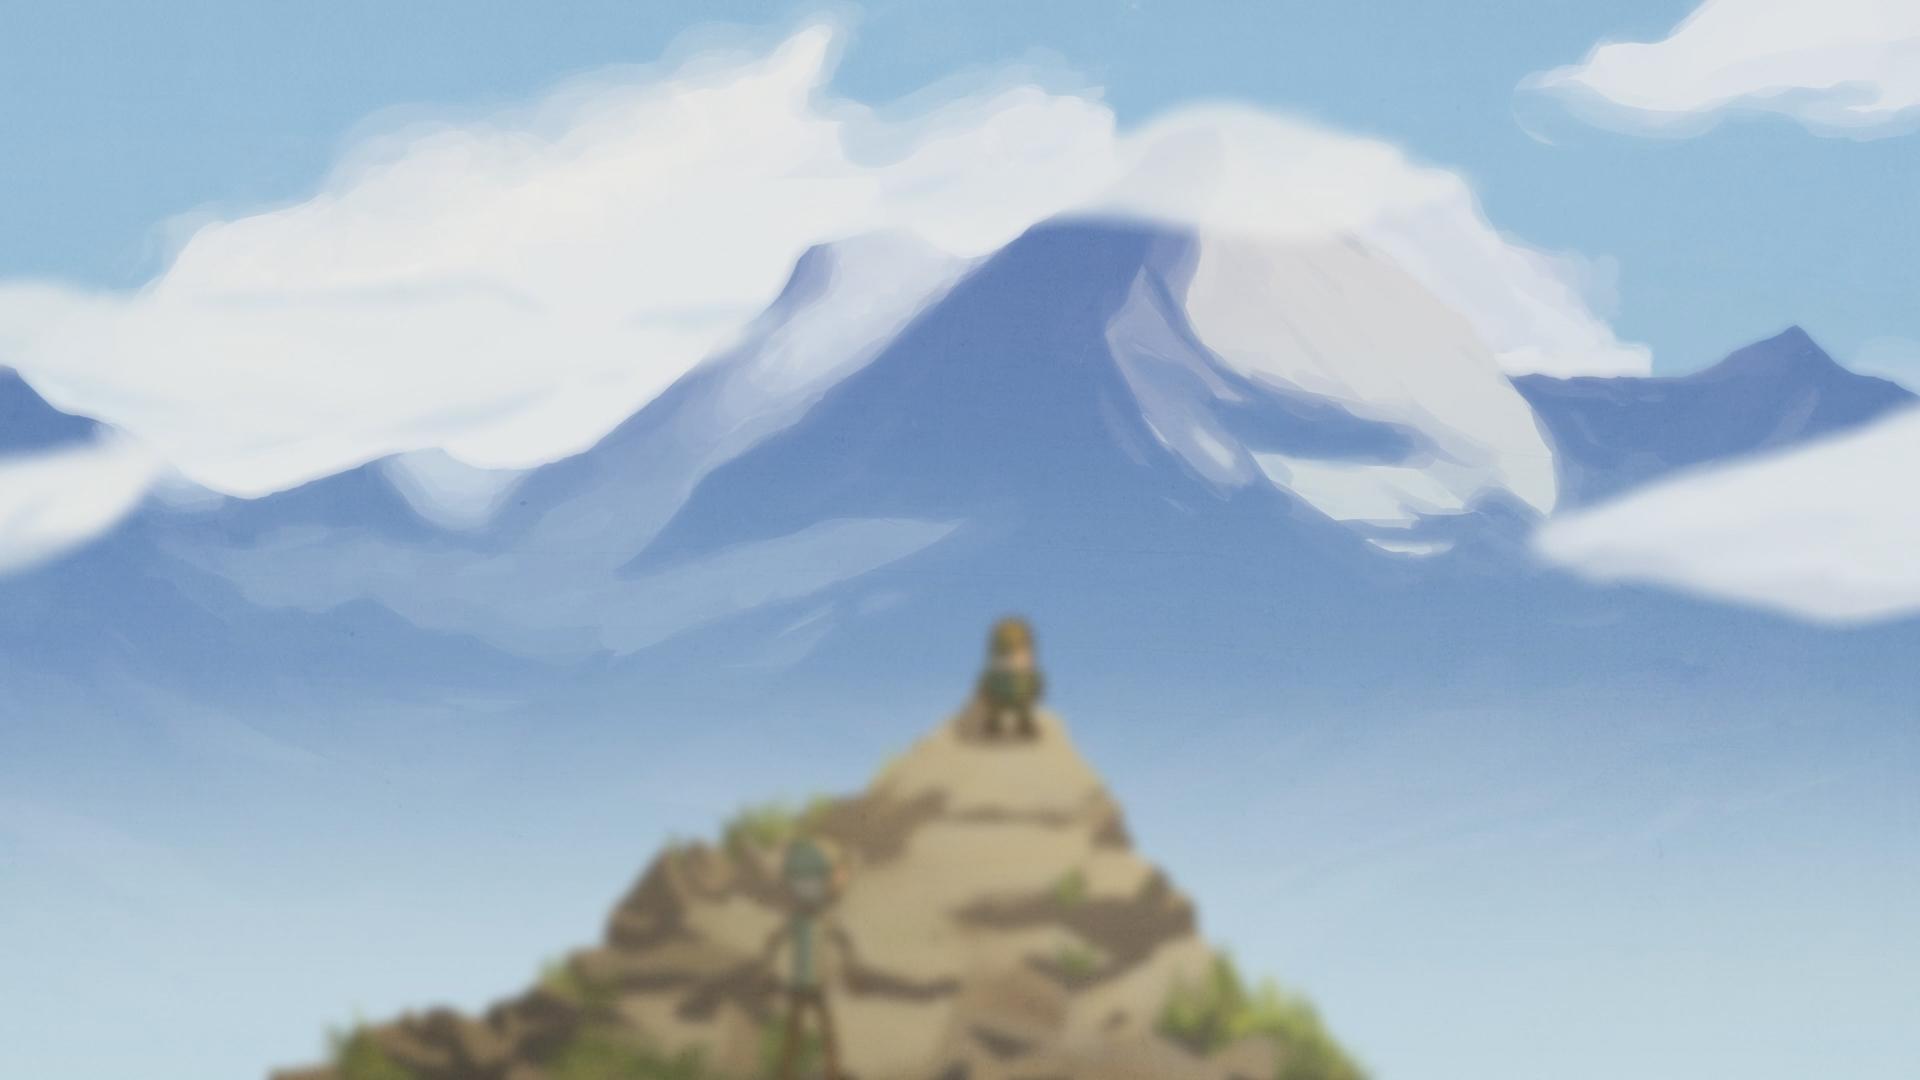 Trailer mountaintop